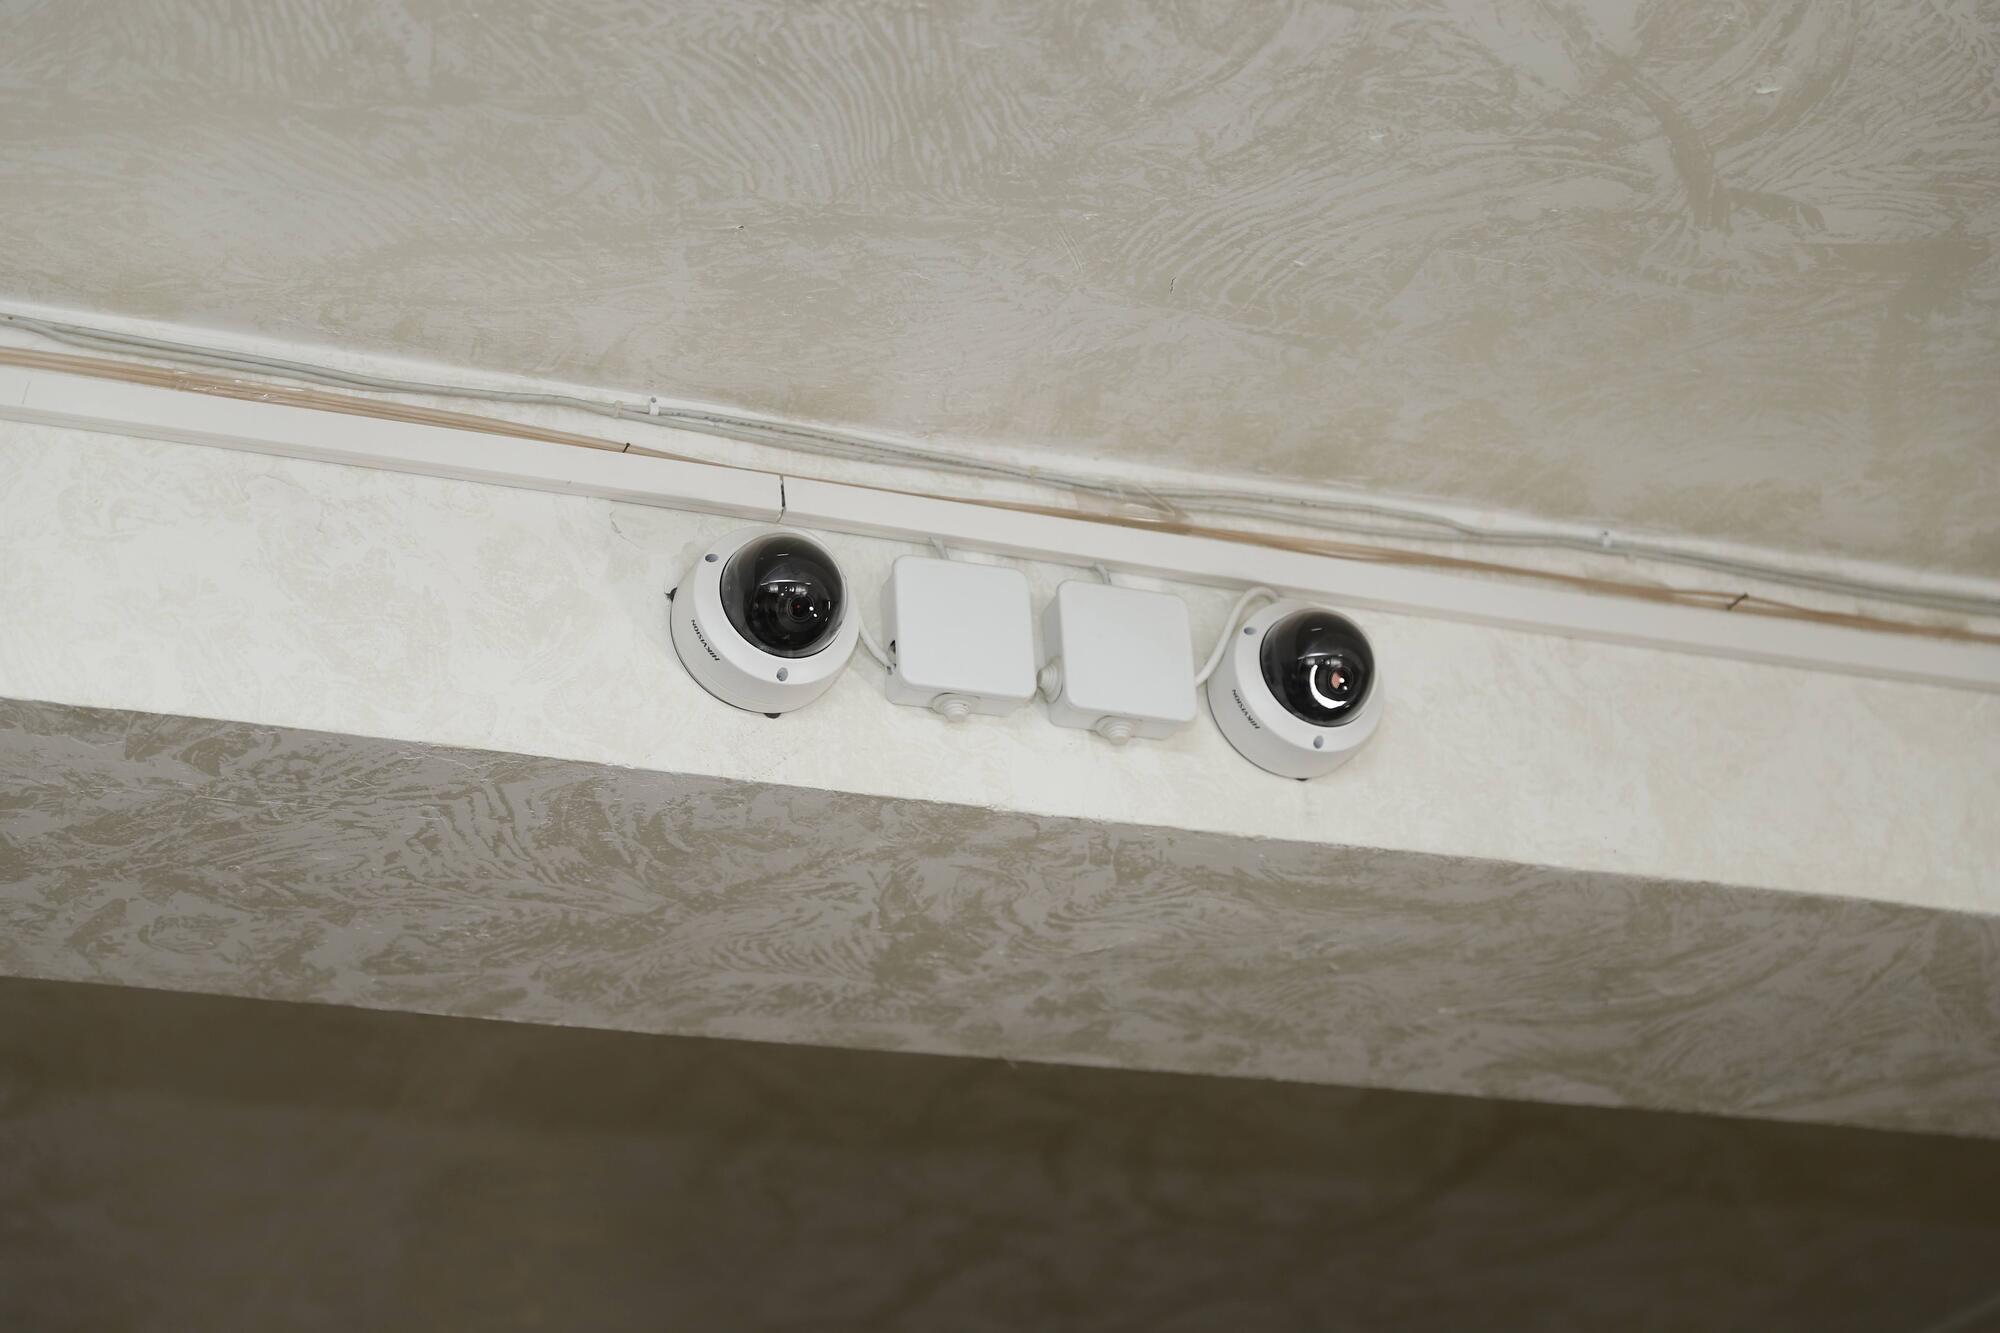 Вся информация с камер выводится на монитор, работу которого отслеживает администратор